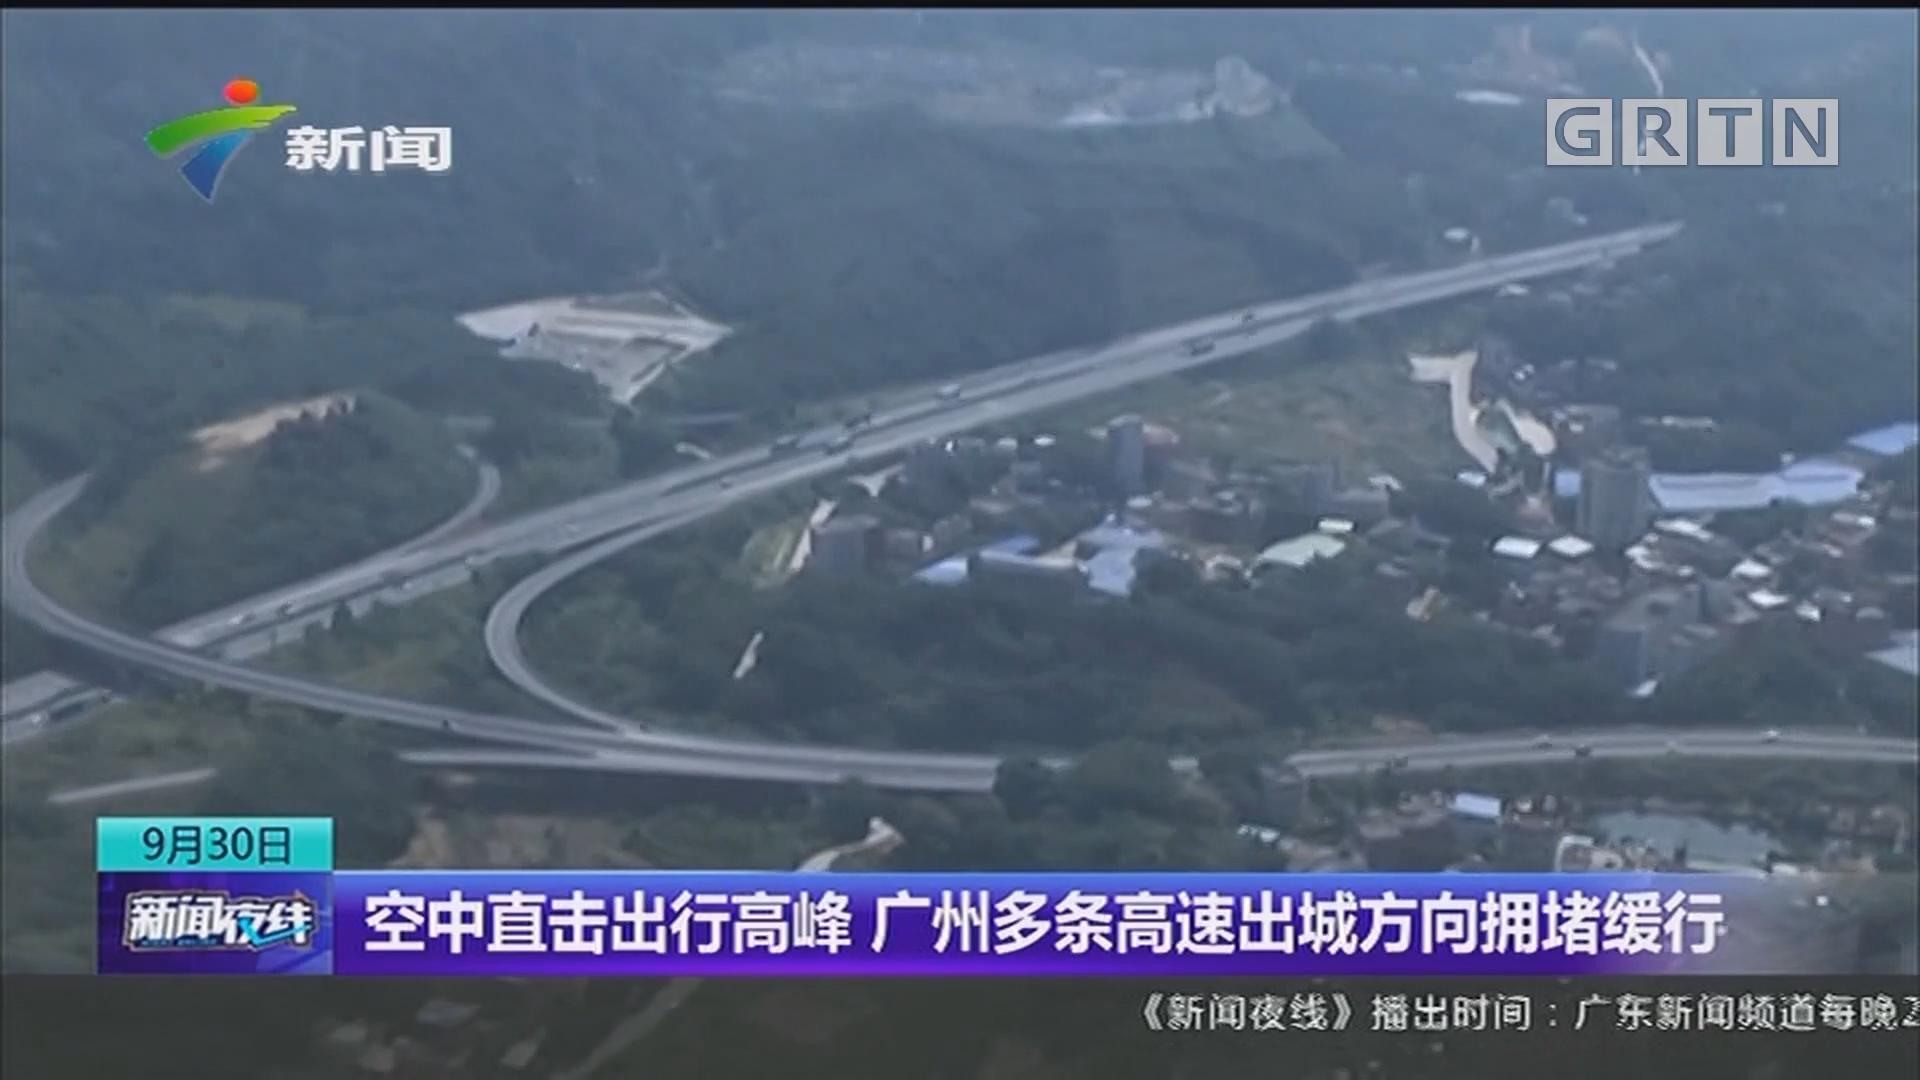 空中直击出行高峰 广州多条高速出城方向拥堵缓行